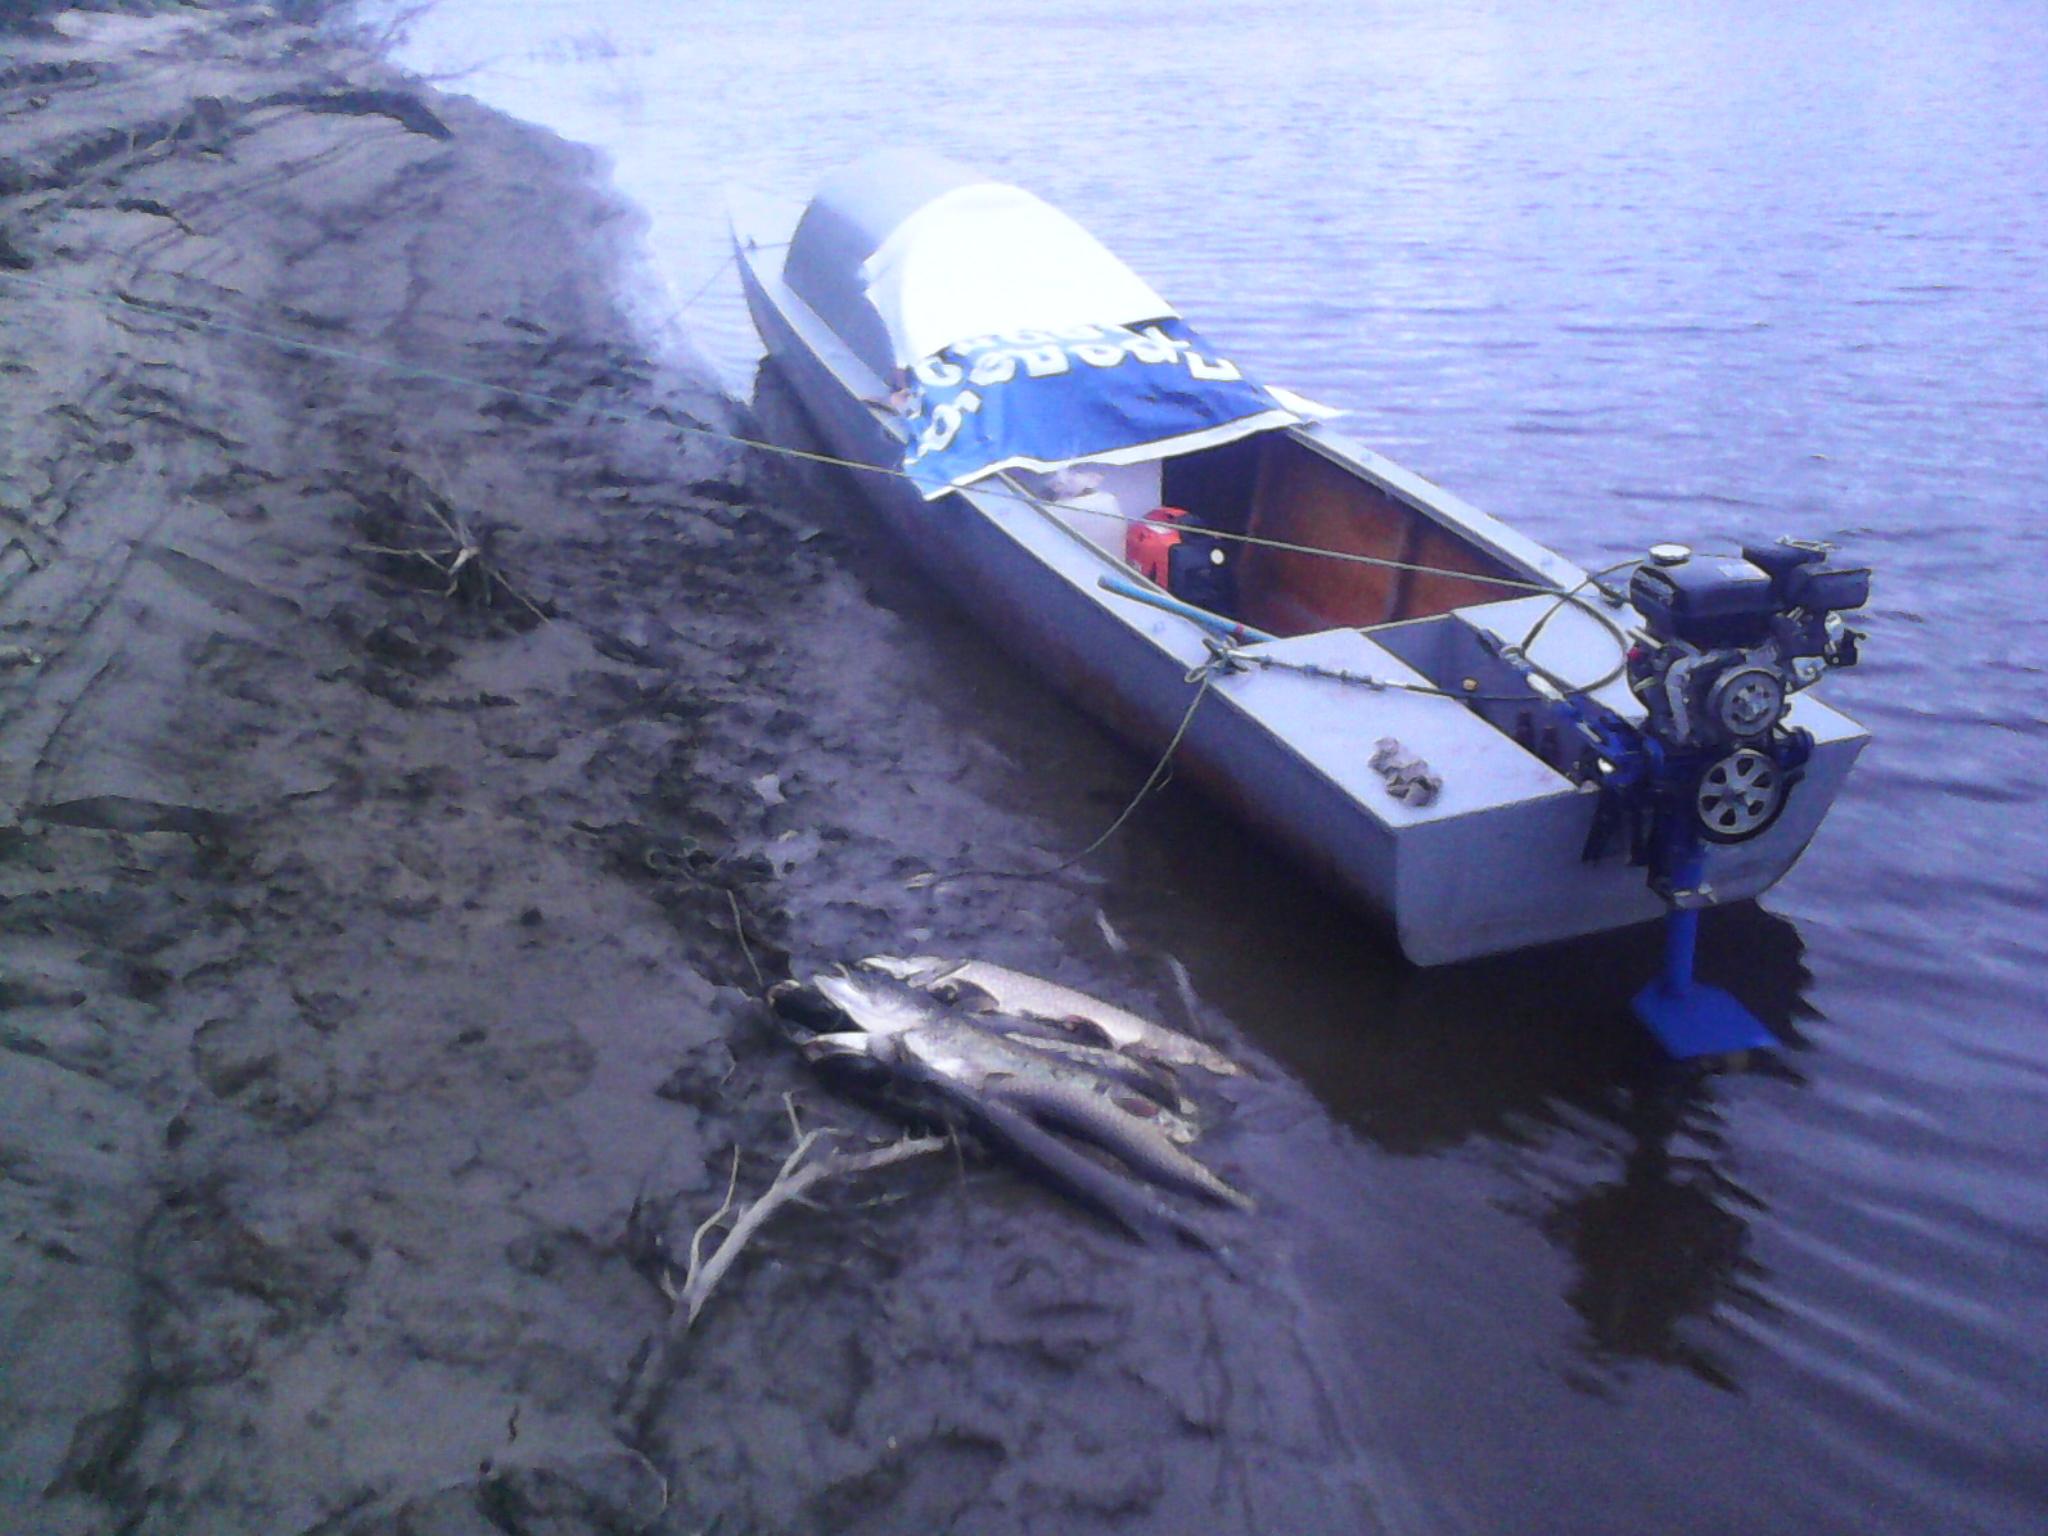 Тюнинг лодки ПВХ для рыбалки своими руками, аксессуары для